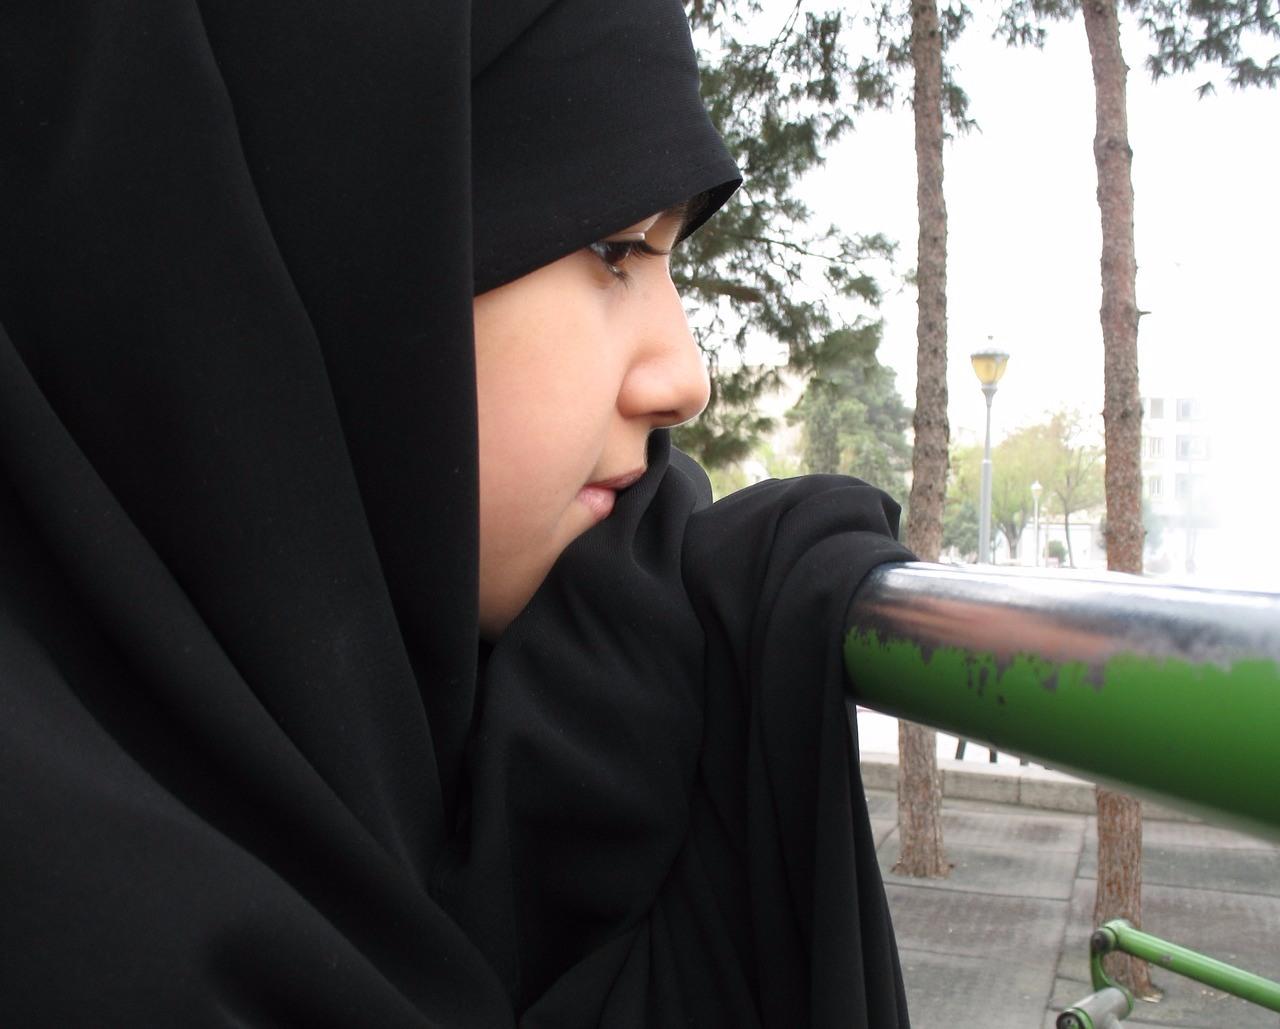 塔拉(Tala Raassi)也不例外,但塔拉生長在伊朗,「自由穿搭」對她來說是件很困難的事